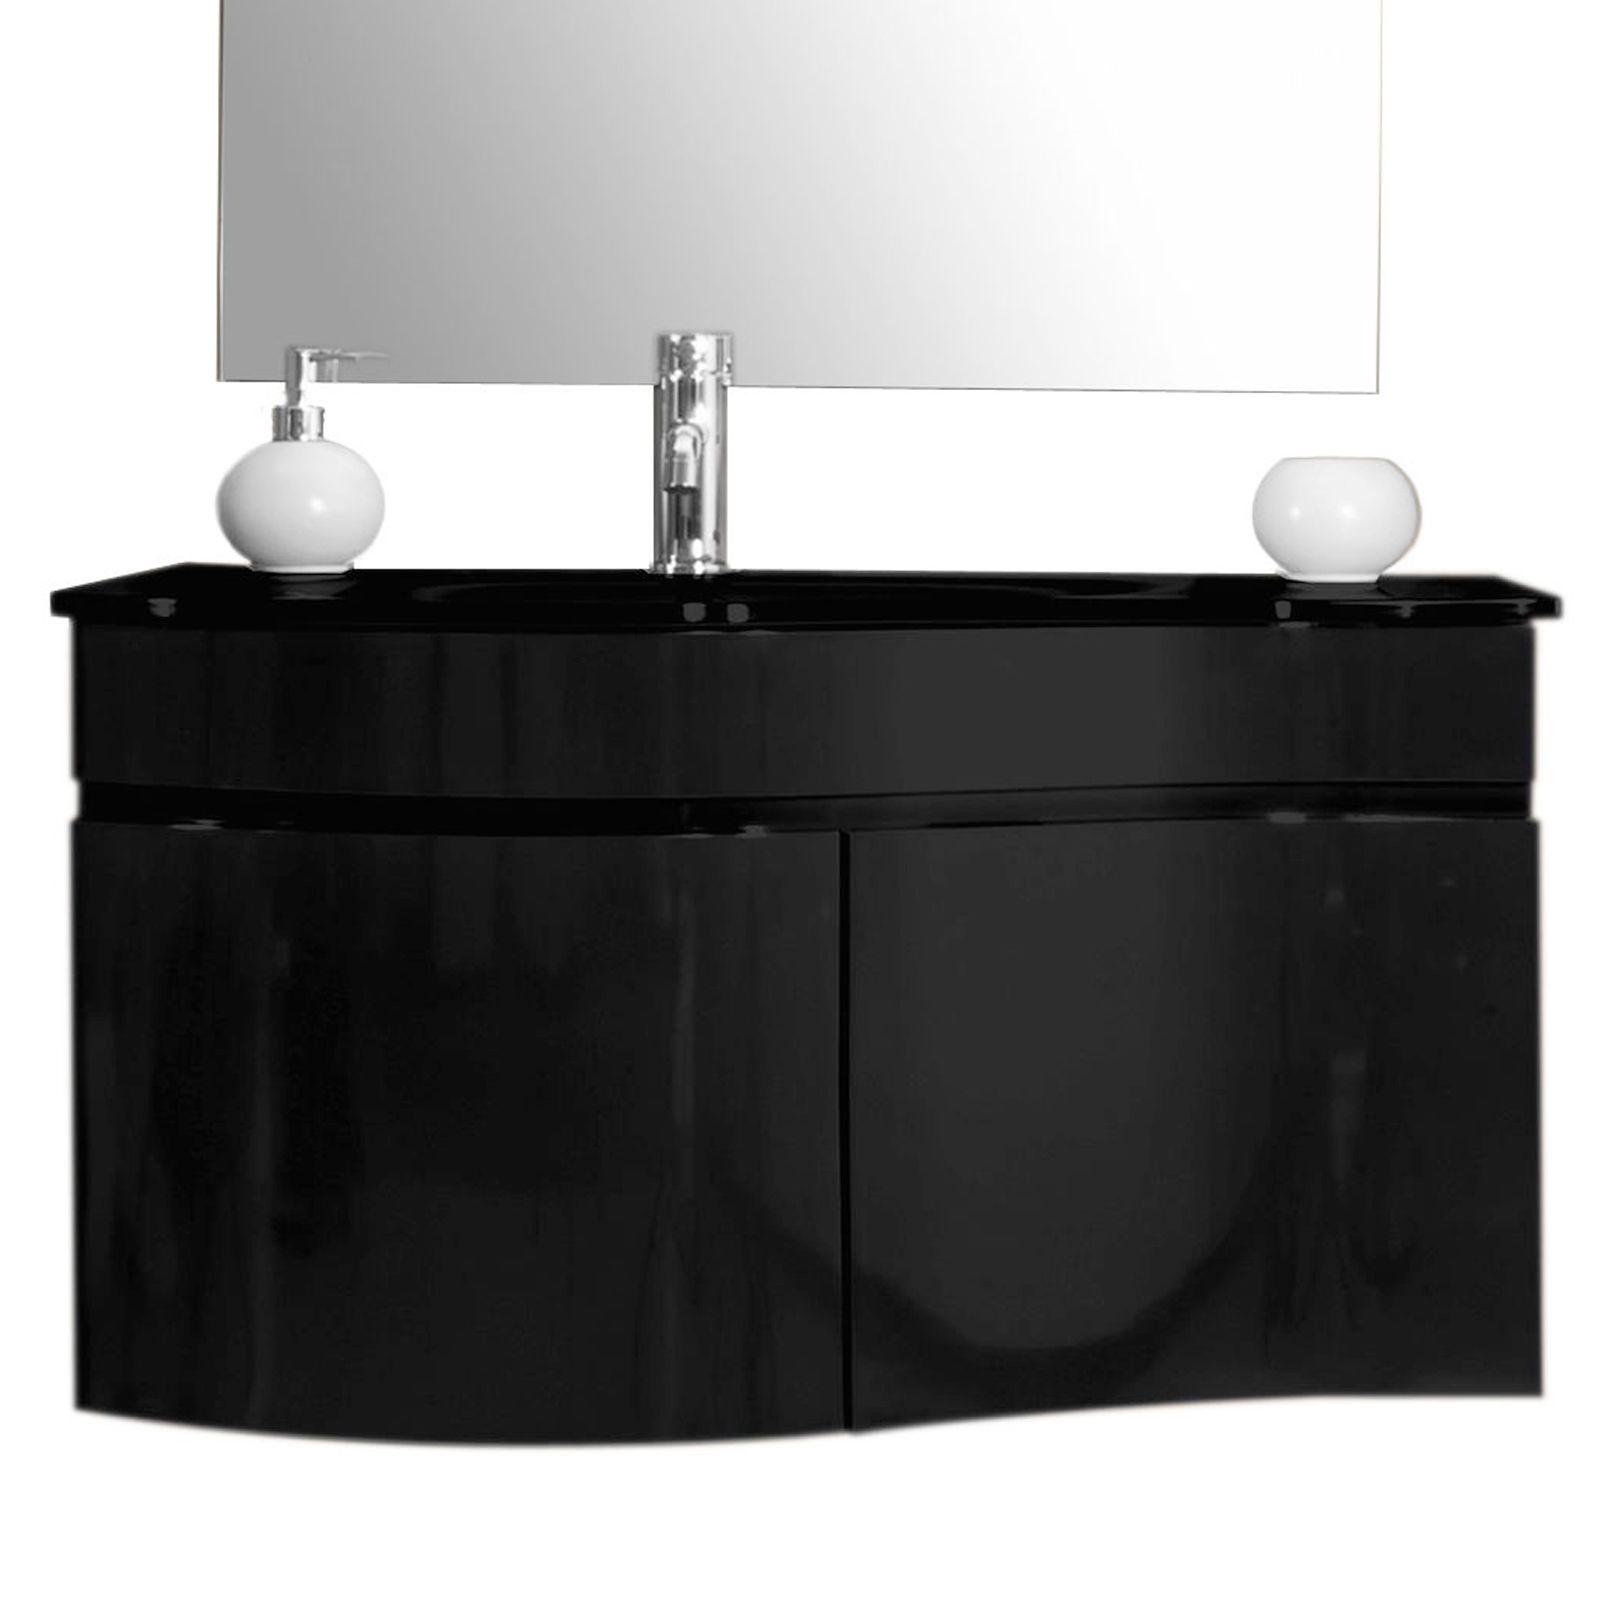 Arredo bagno asia completo di lavabo in cristallo bz for Arredo bagno bianco